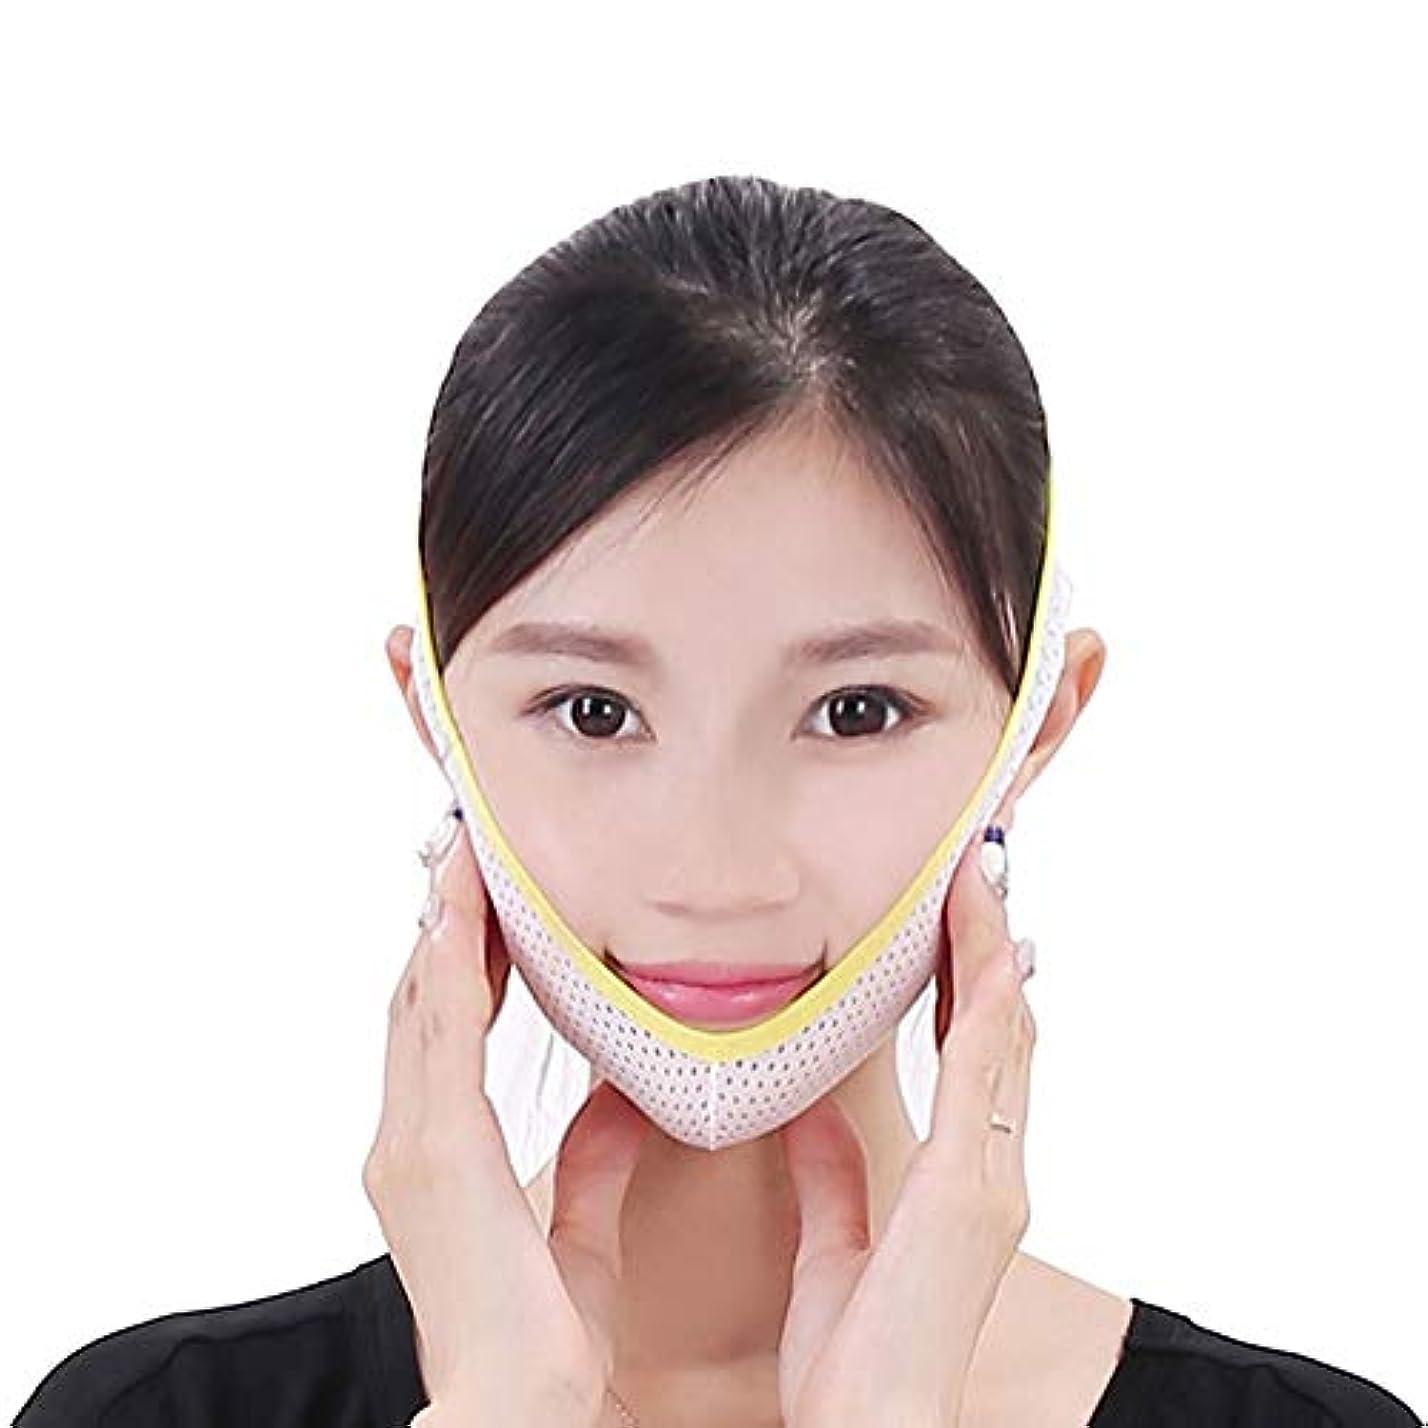 引き渡す速報自動Jia Jia- フェイスリフティングマスクVフェイスリフティングシェーピング修正フェイスリフティング包帯ダブルチンフェイスリフトアーティファクト睡眠夏 顔面包帯